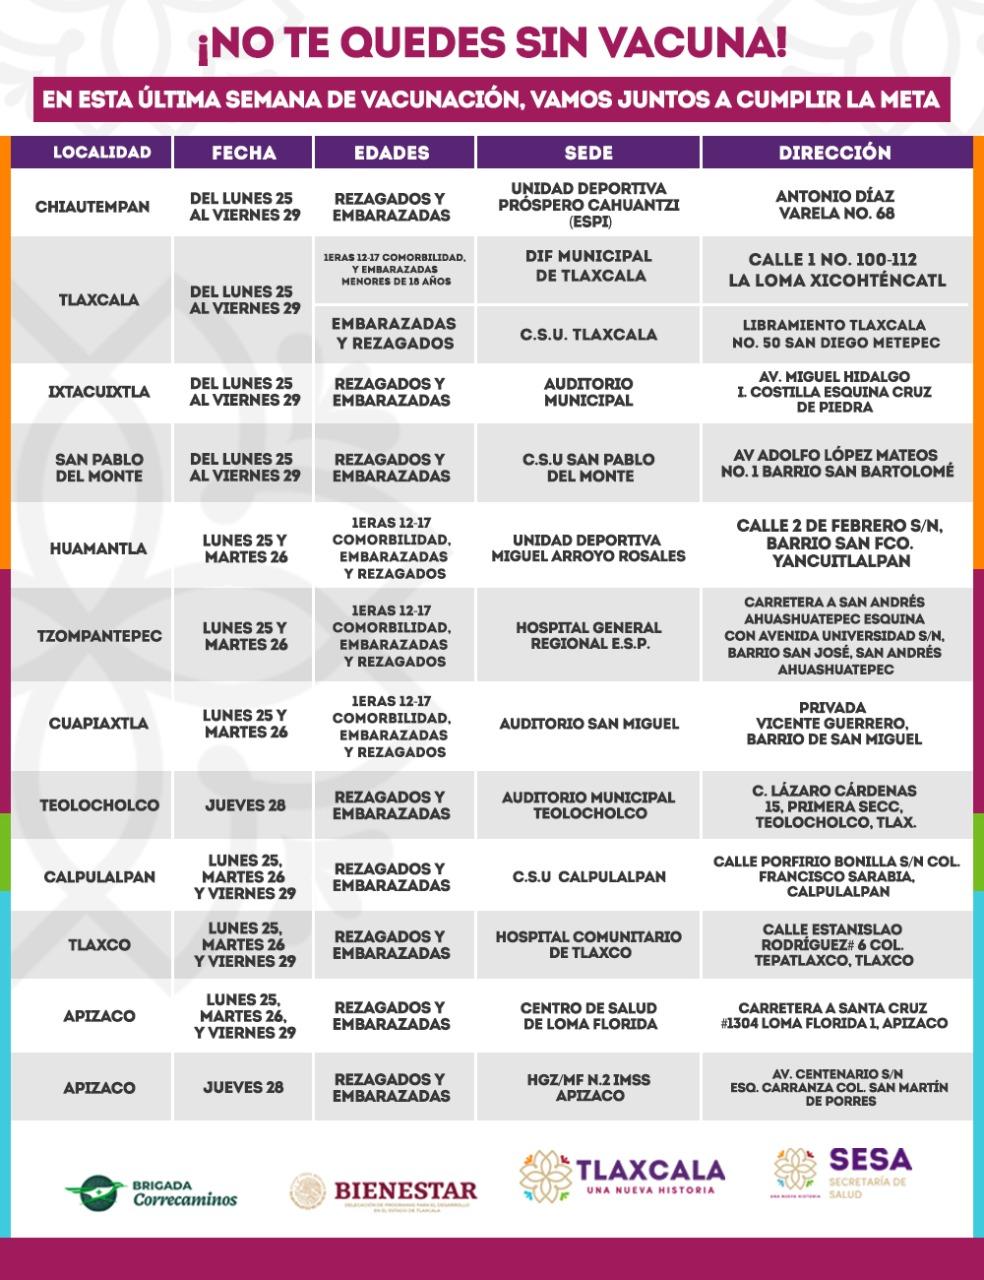 INICIARÁ TLAXCALA ÚLTIMA SEMANA DE VACUNACIÓN CONTRA COVID-19 PARA REZAGADOS, EMBARAZADAS Y ADOLESCENTES CON COMORBILIDAD